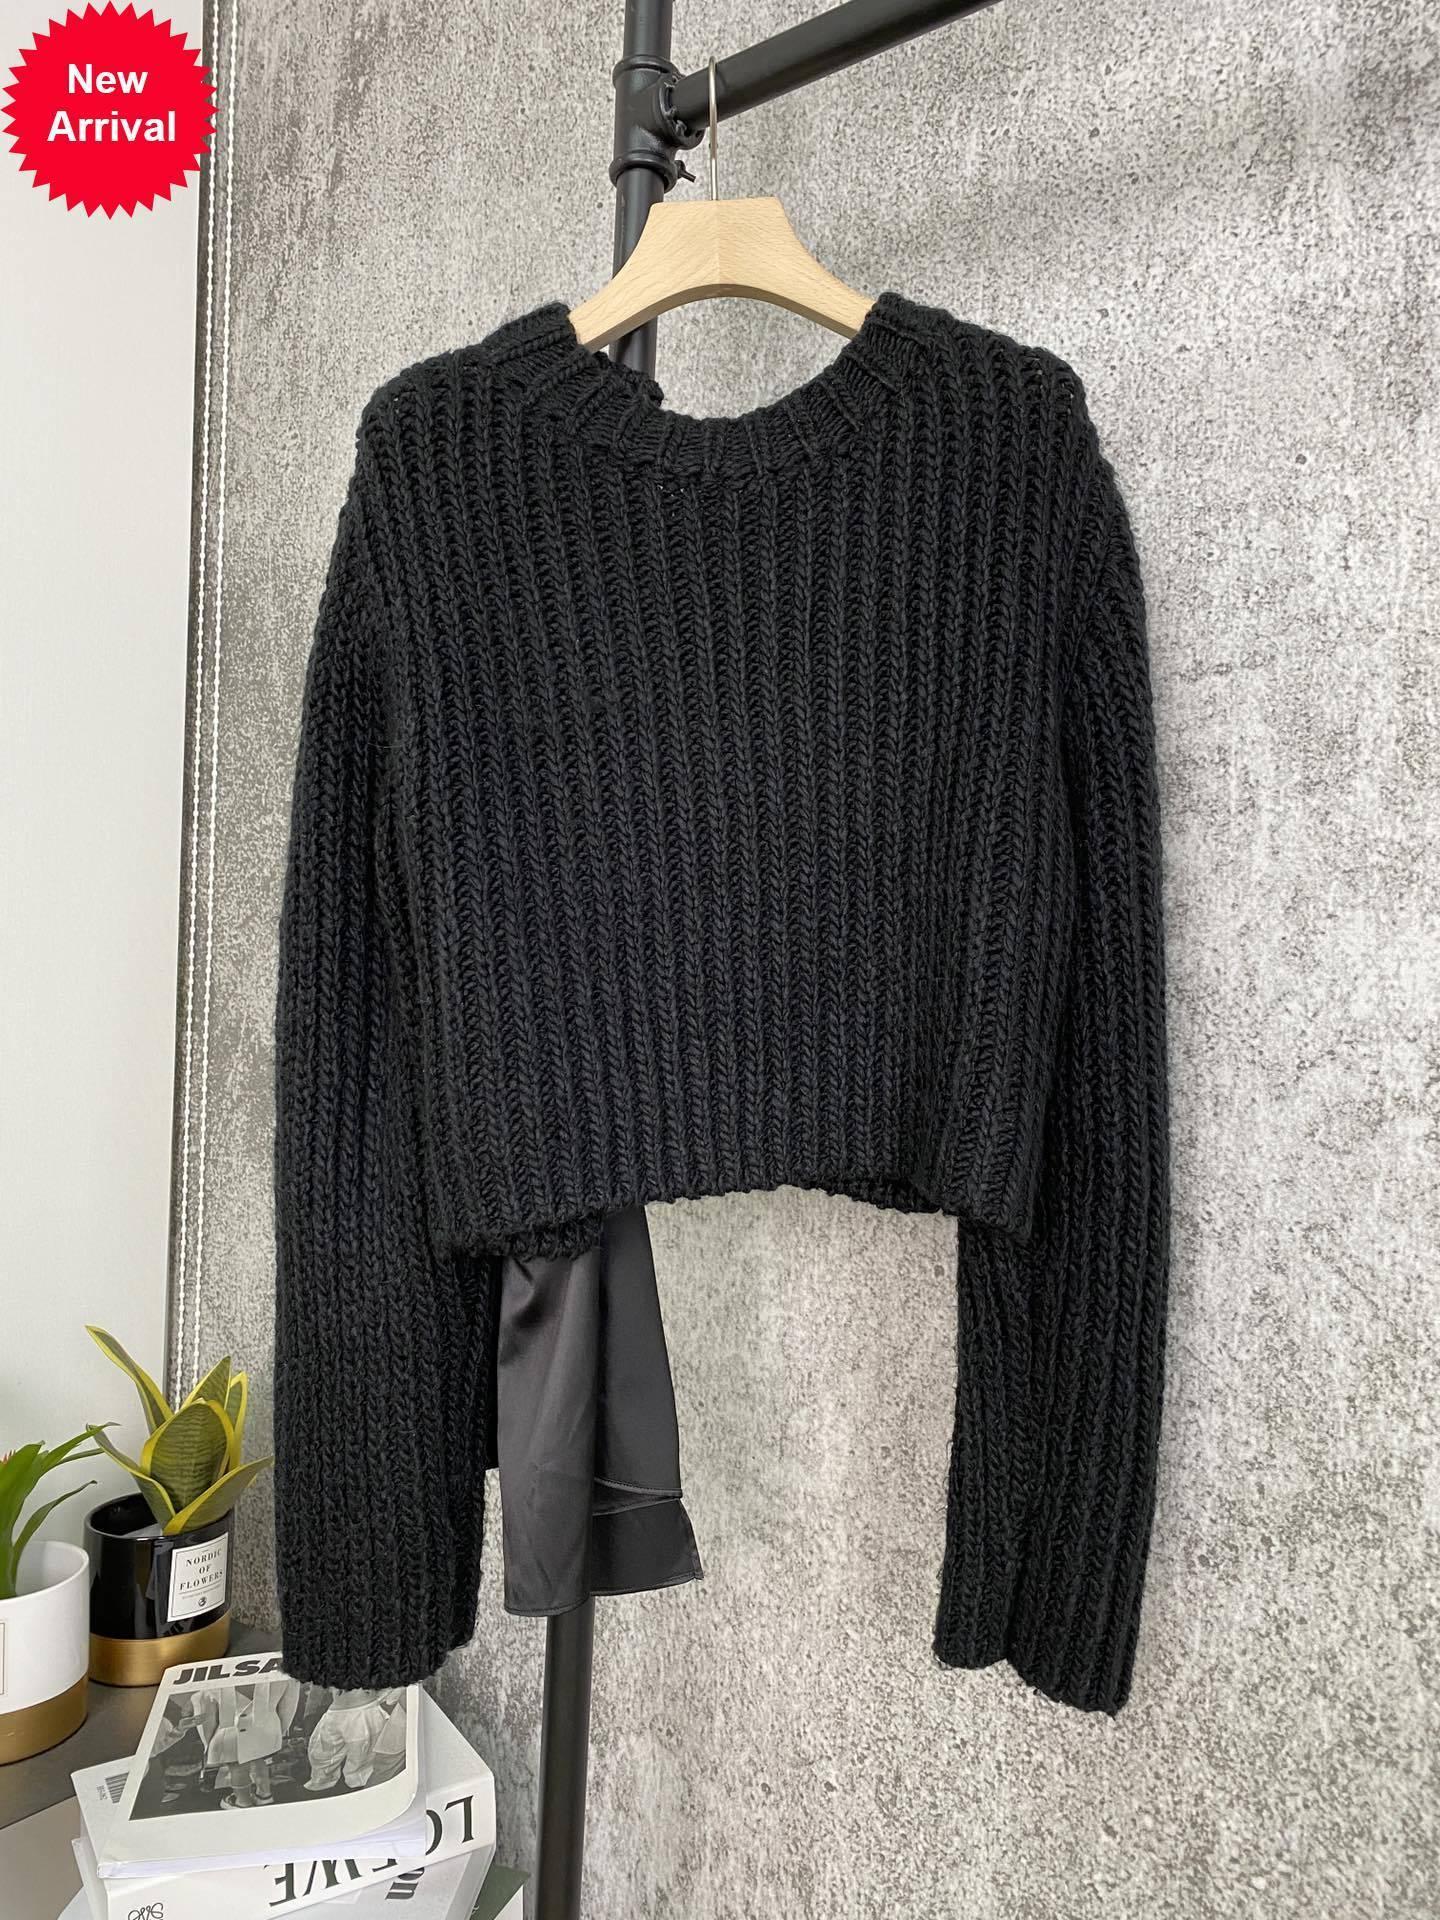 2020 новые дамы мода с длинным рукавом сексуальный повседневный сплошной цвет задний лук свитер 121946GZ